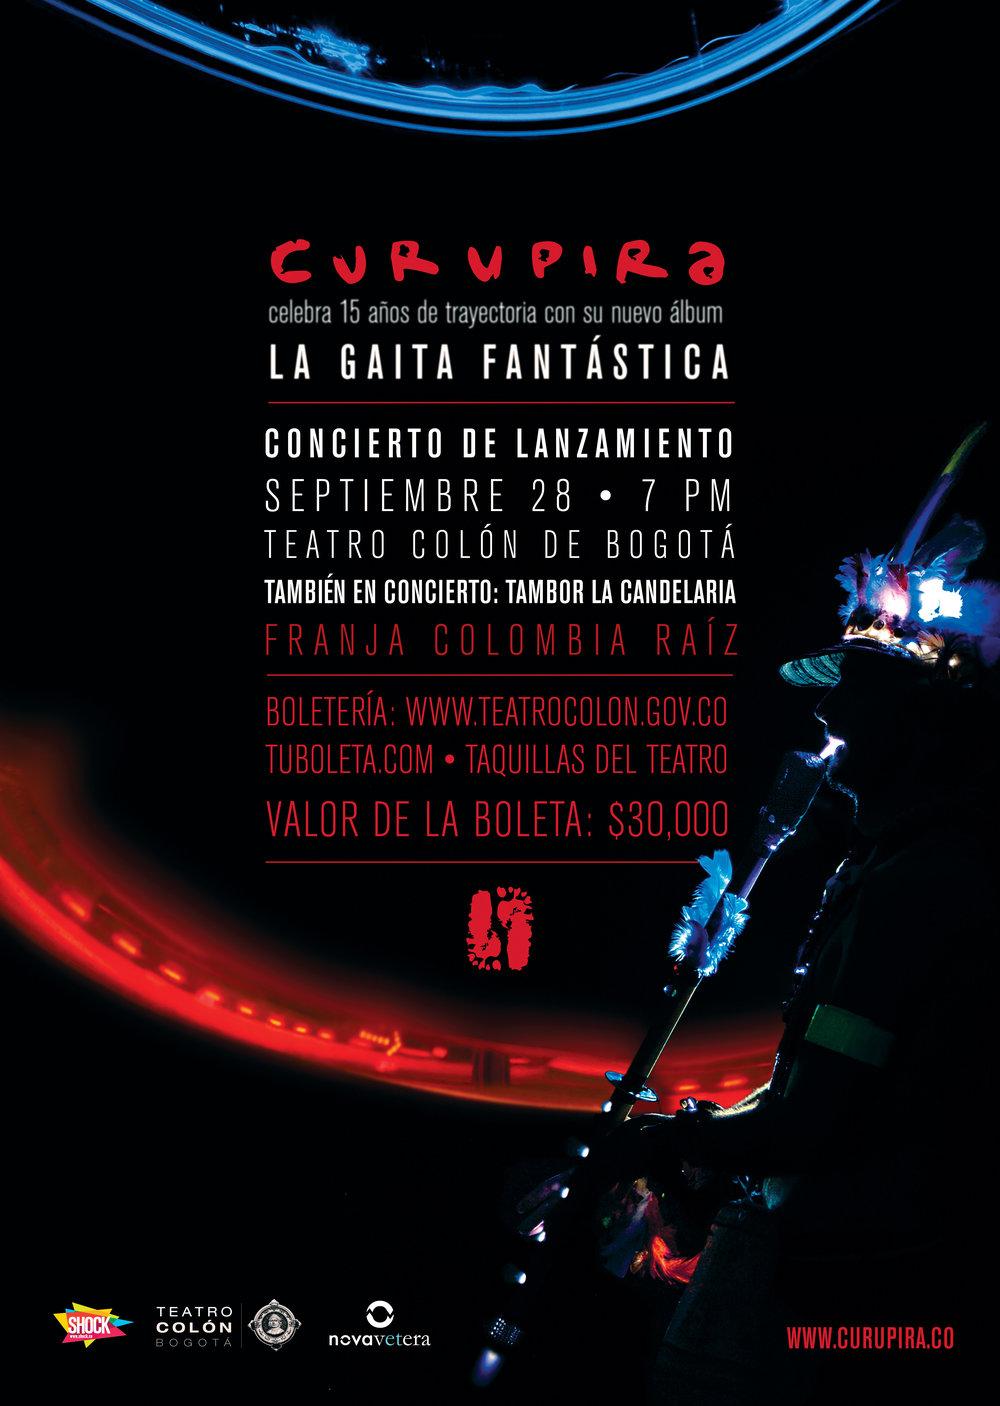 La Gaita Fantástica | Launch Concert Poster